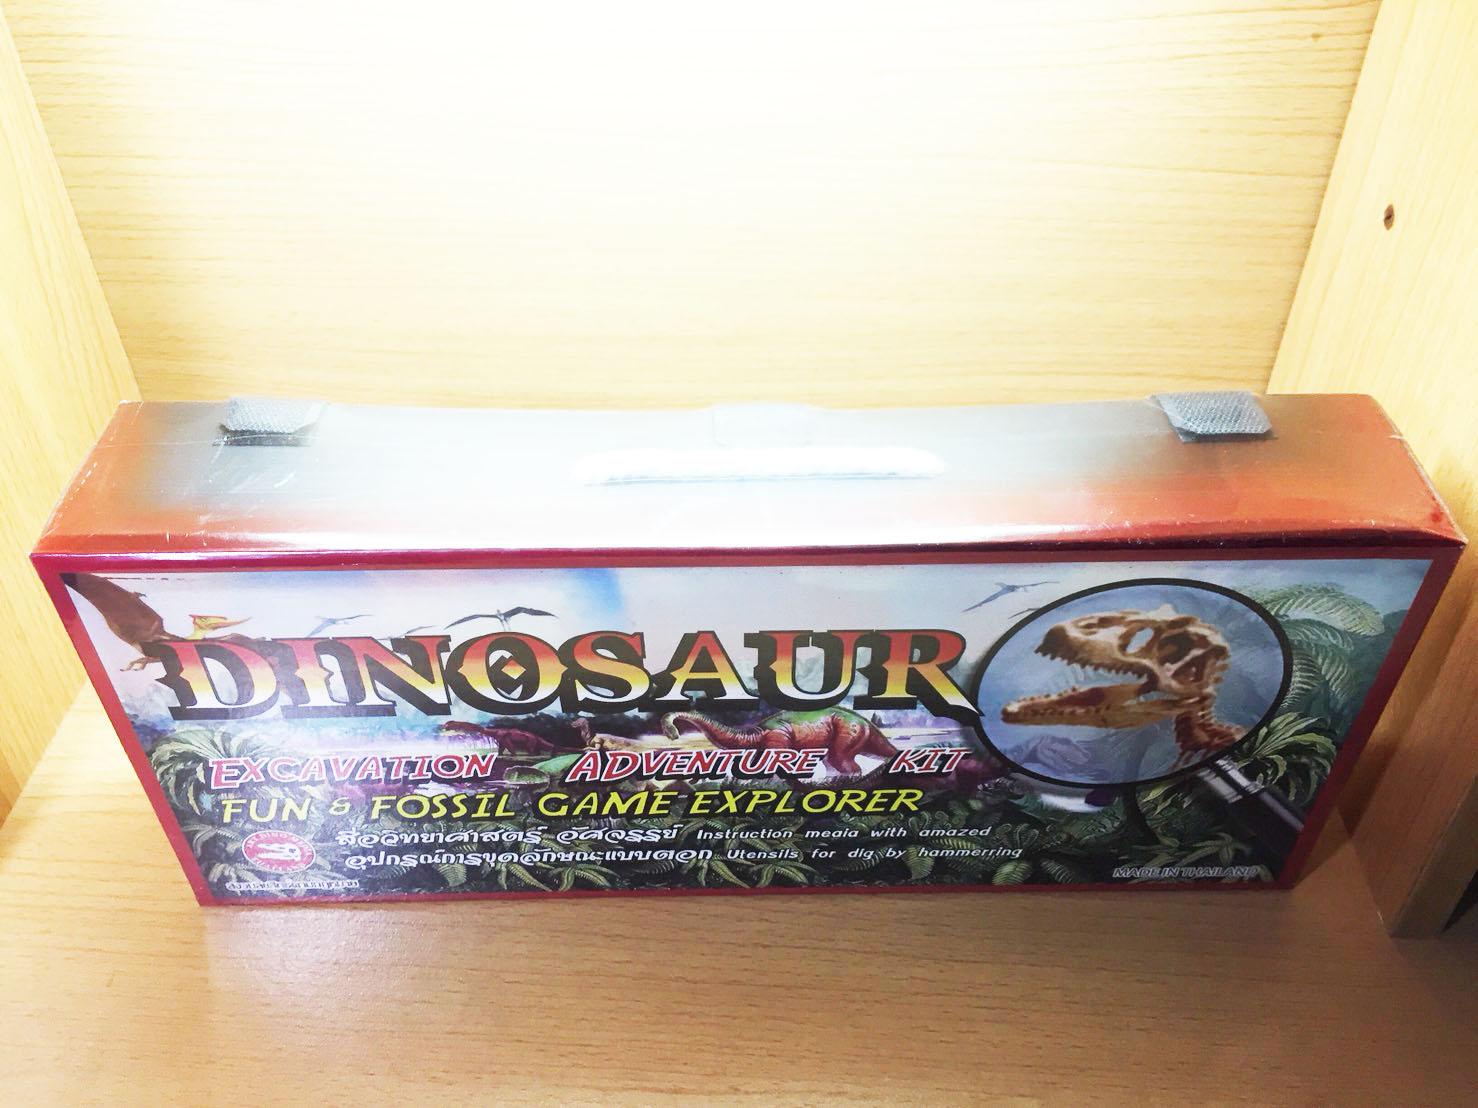 ชุดกระเป๋าขุดฟอสซิลและนำโครงกระดูกมาประกอบ(DinoSaur Adventure)